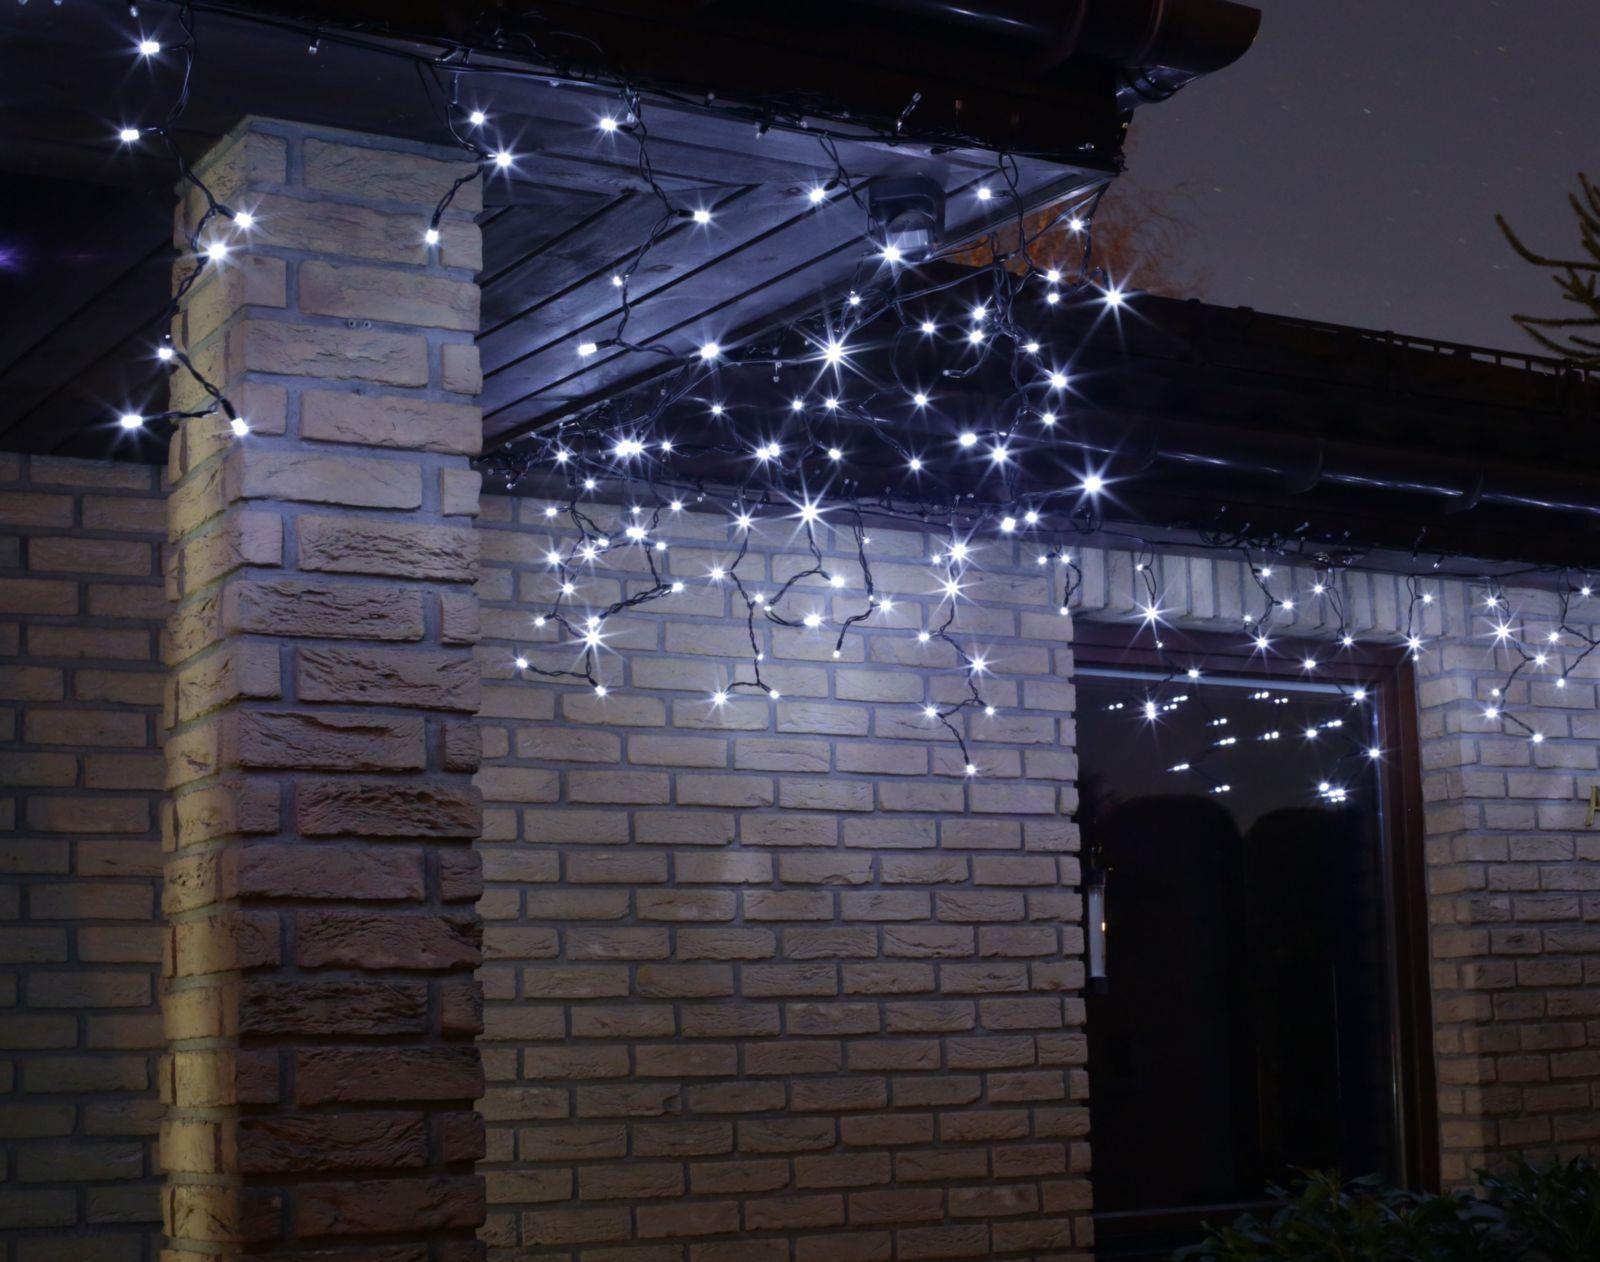 Bulinex Oświetlenie świąteczne Led Zewnętrzne Sopel Biały 100szt 38 742